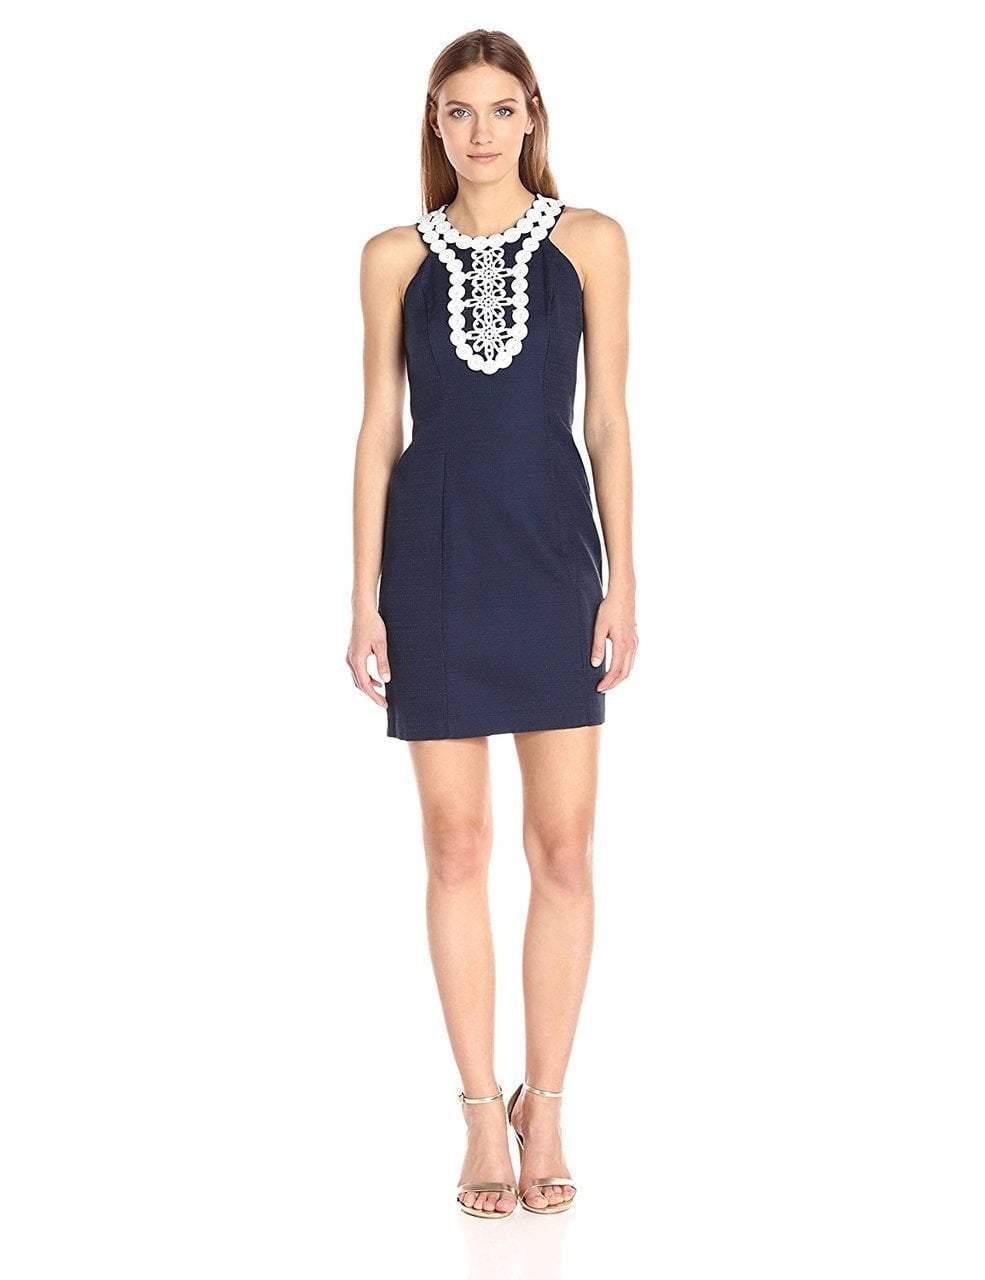 Taylor - Embellished Halter Neck Dress 8814M